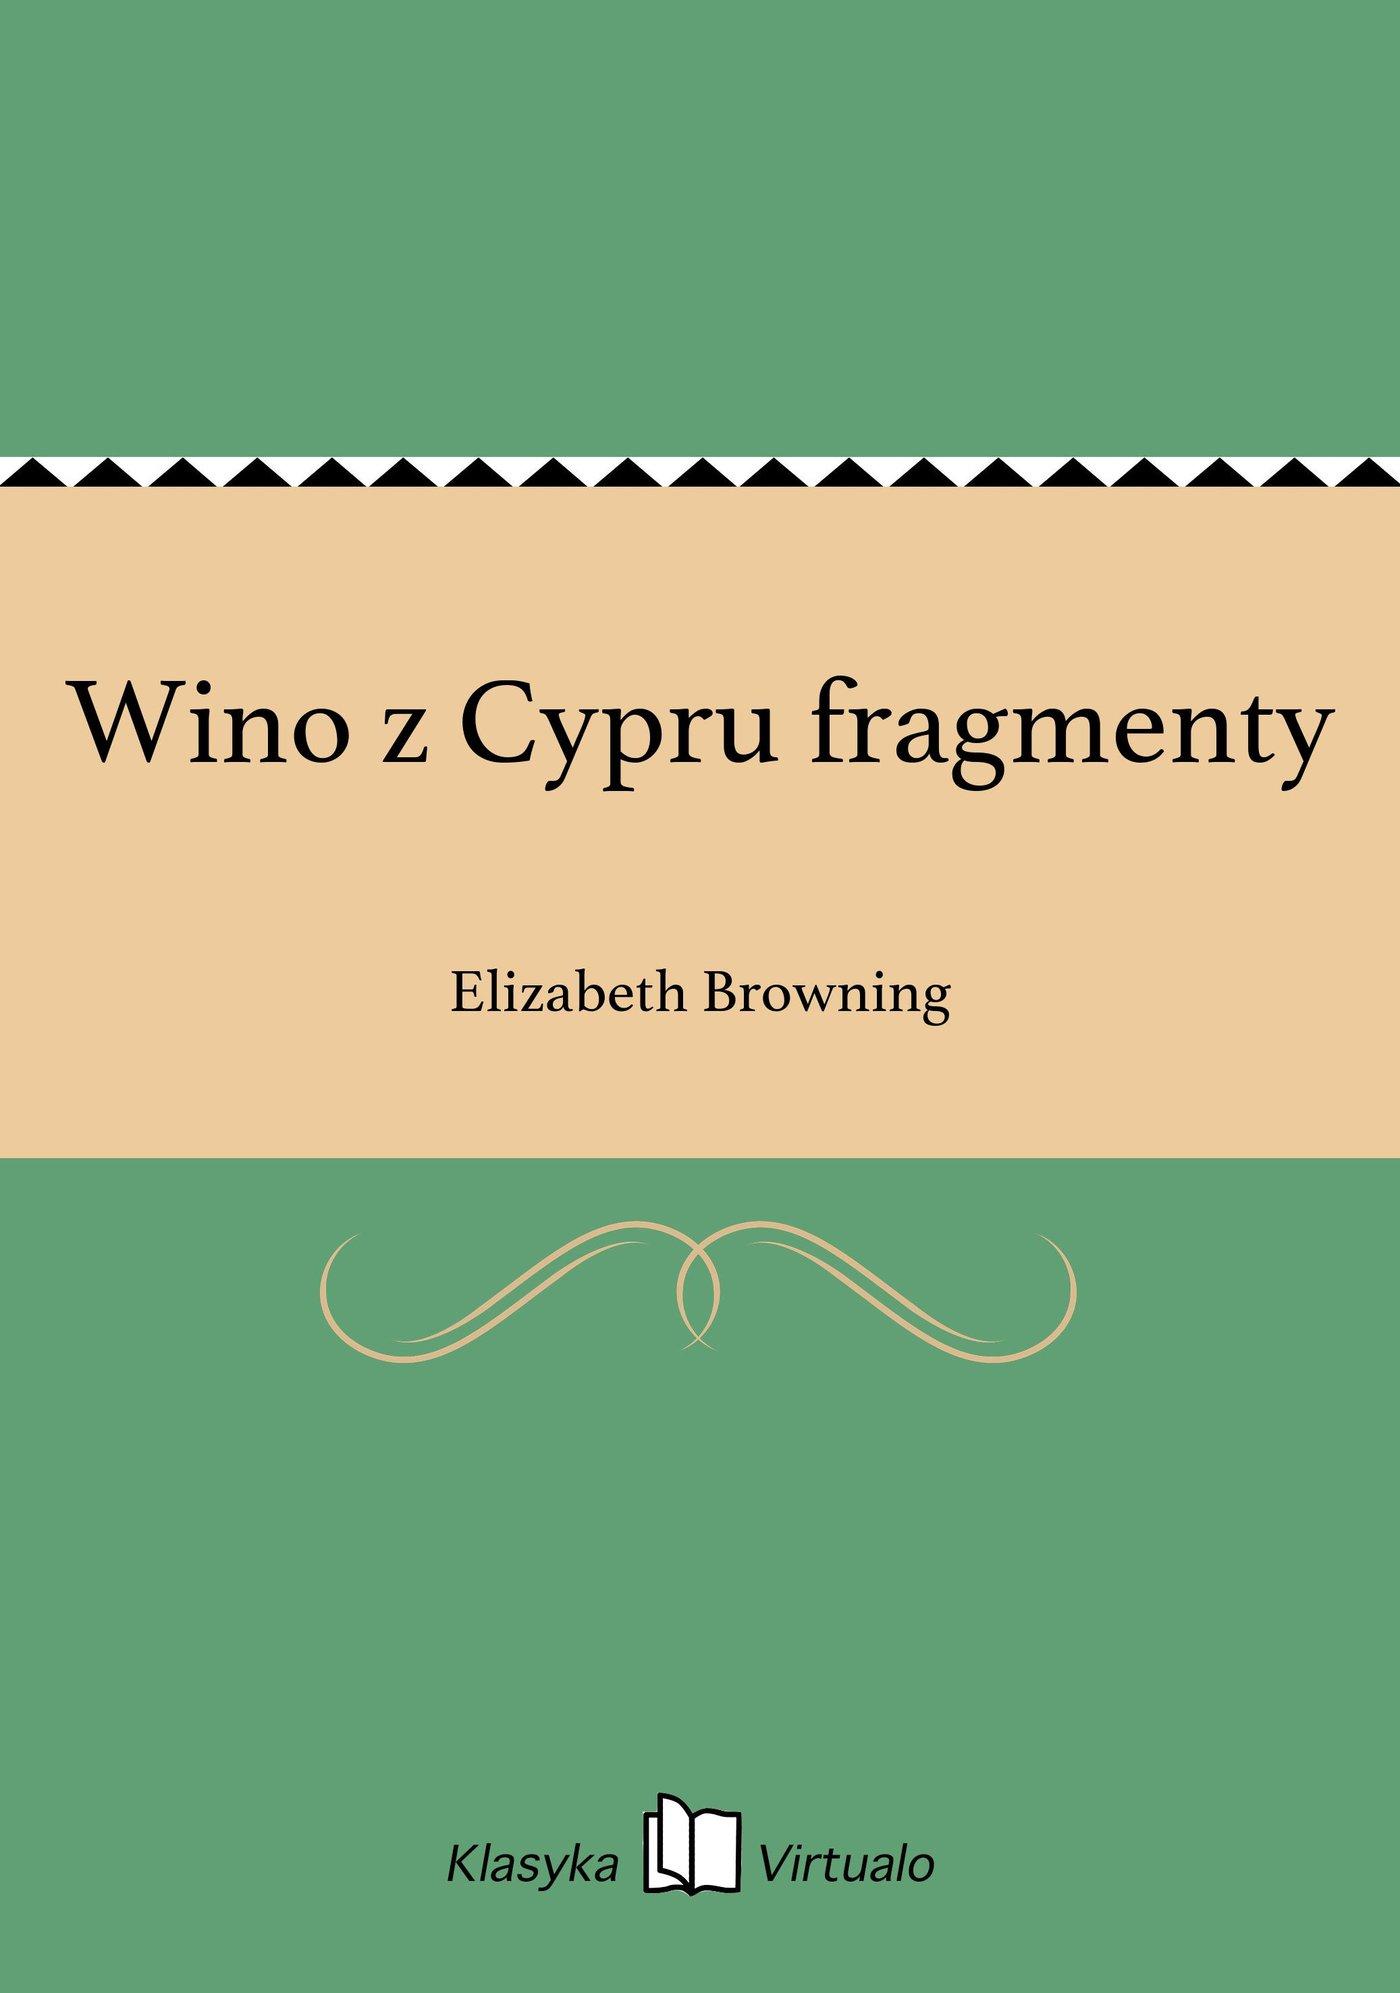 Wino z Cypru fragmenty - Ebook (Książka EPUB) do pobrania w formacie EPUB